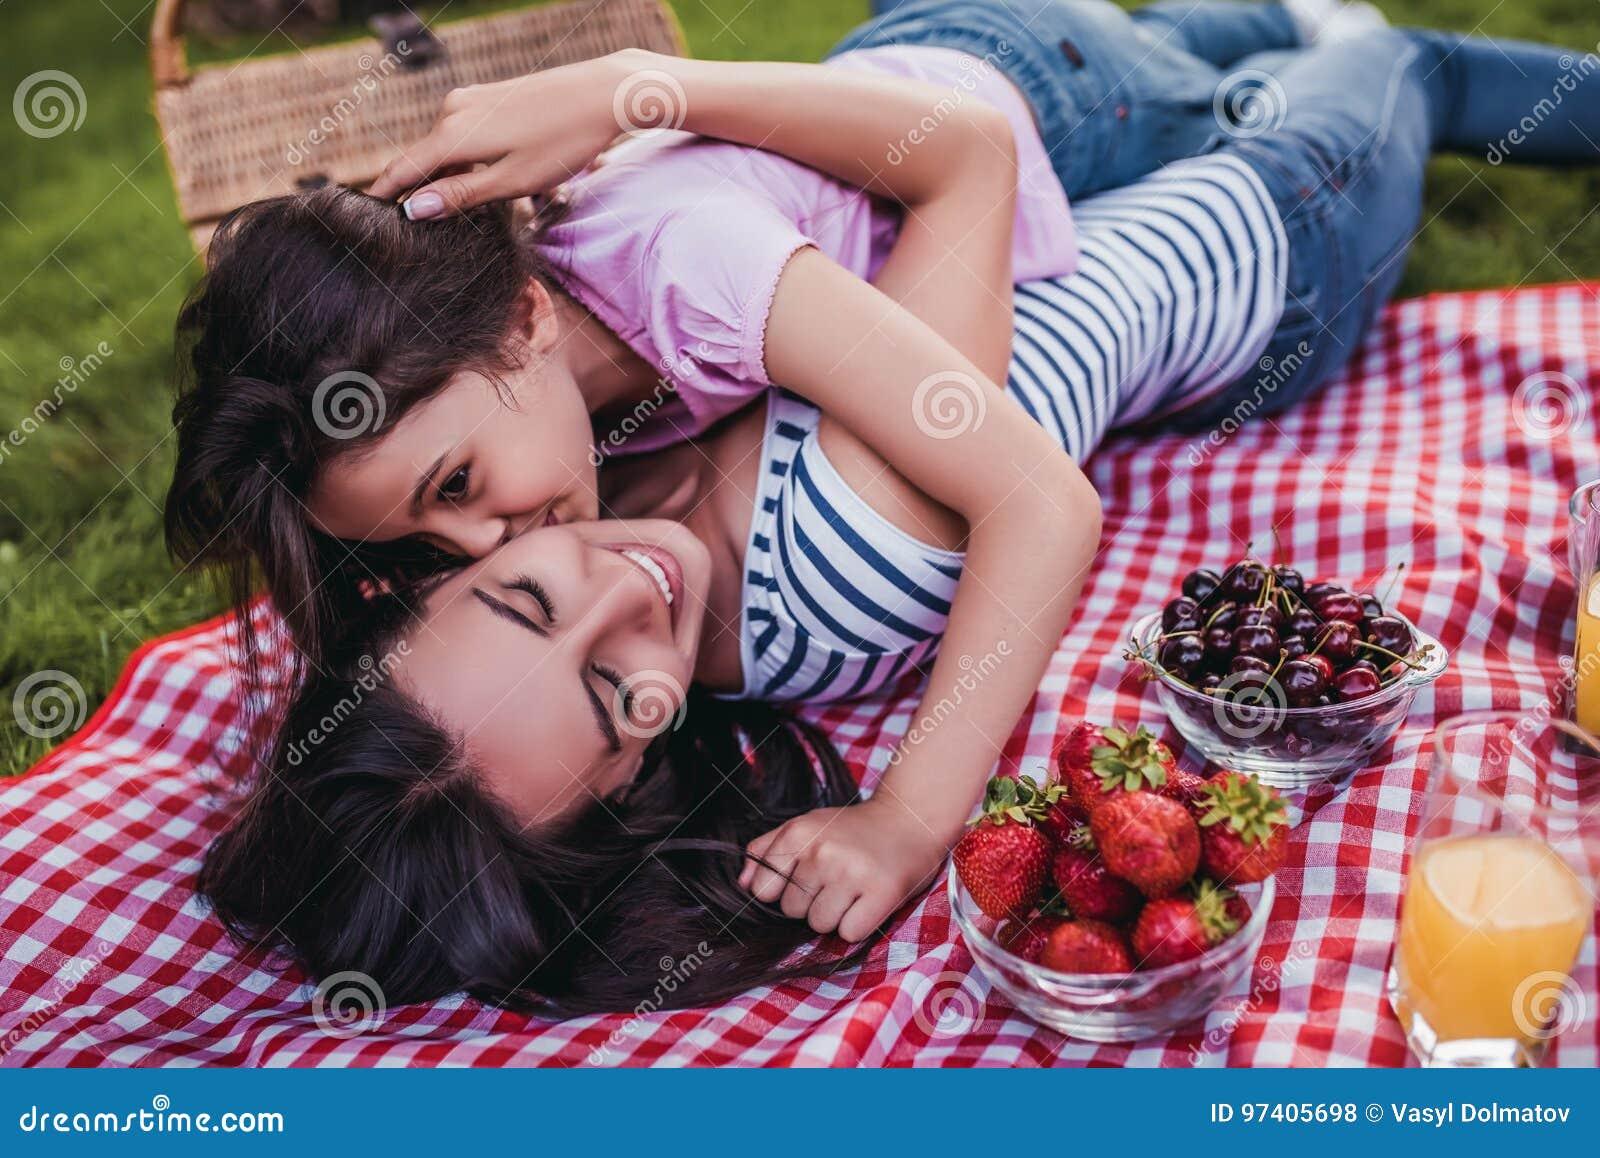 Мама и дочь на пикнике